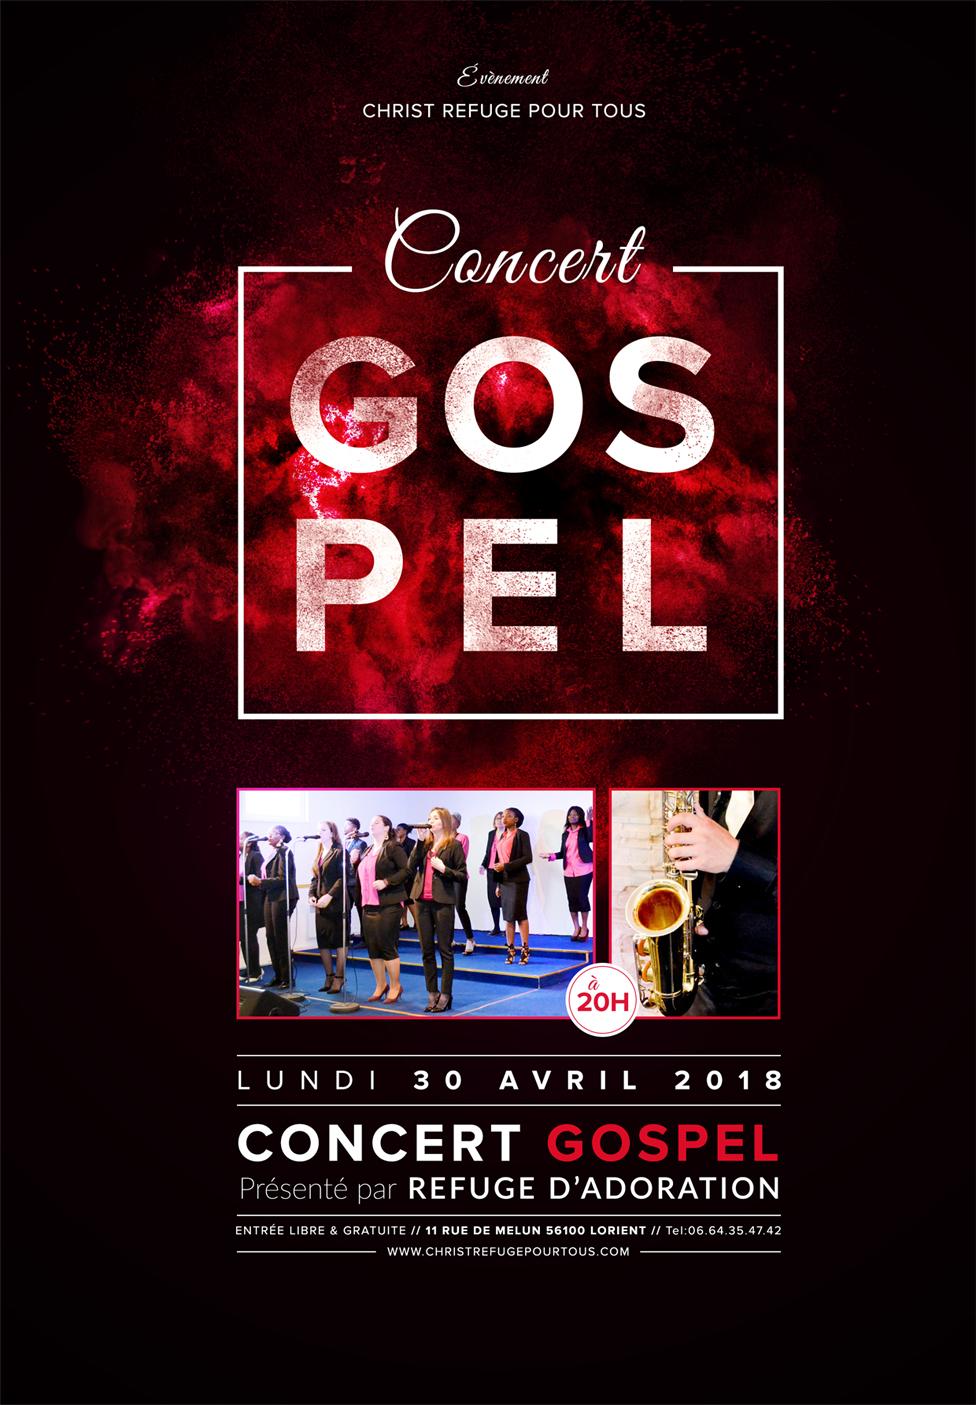 Concert Gospel à Lorient le 30 avril à 20h